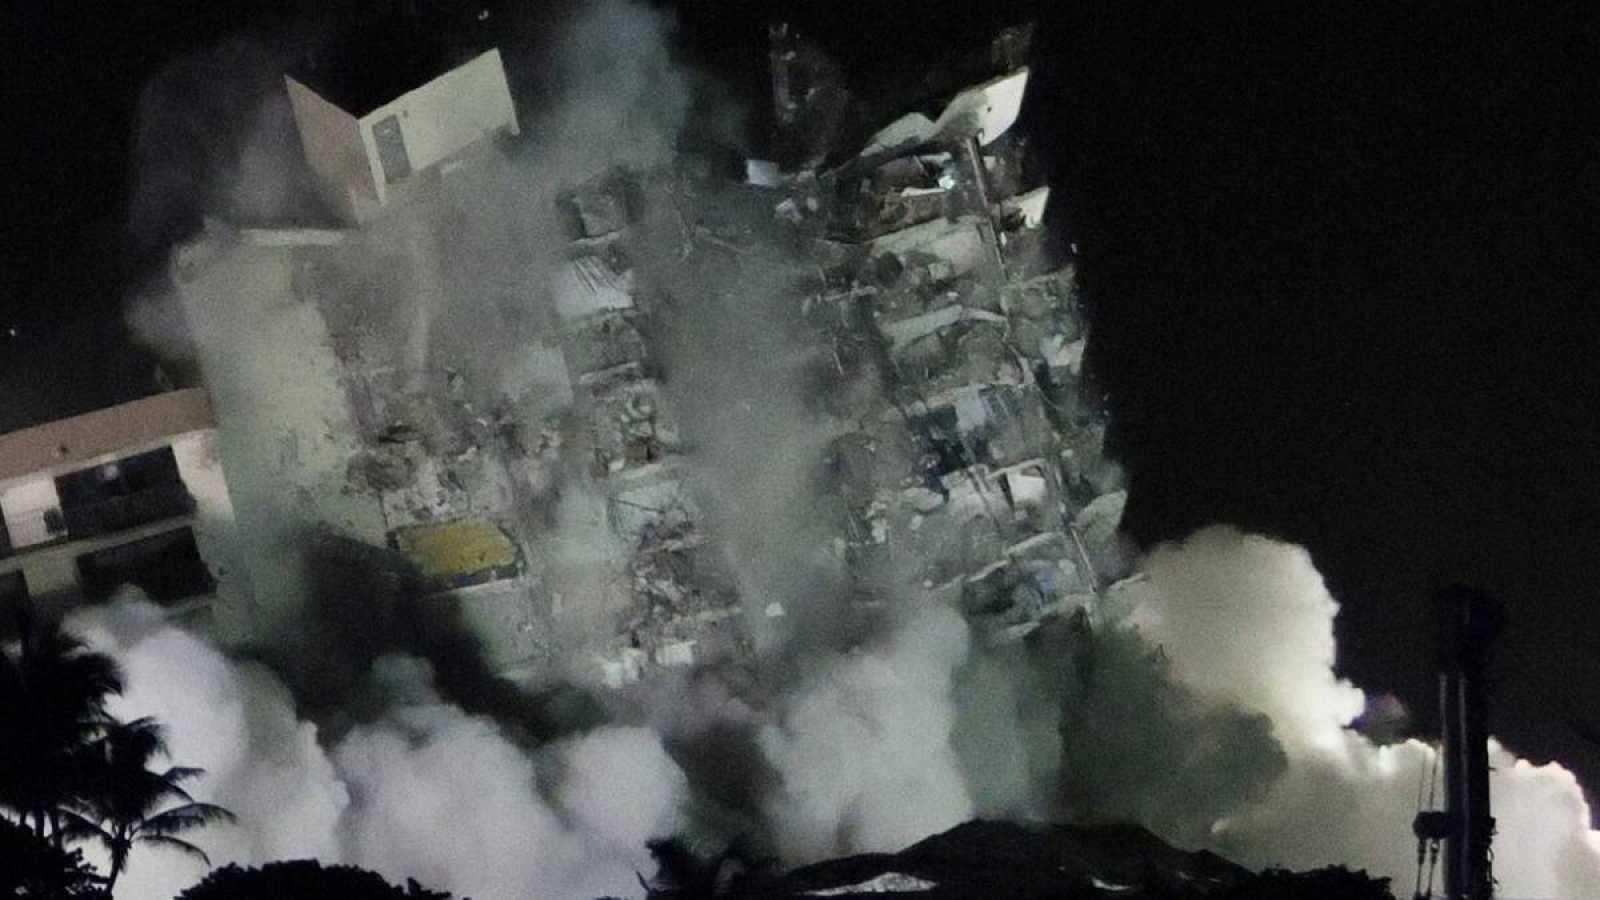 Demolido con una explosión controlada los restos del edificio siniestrado en Miami-Dad - Ver ahora